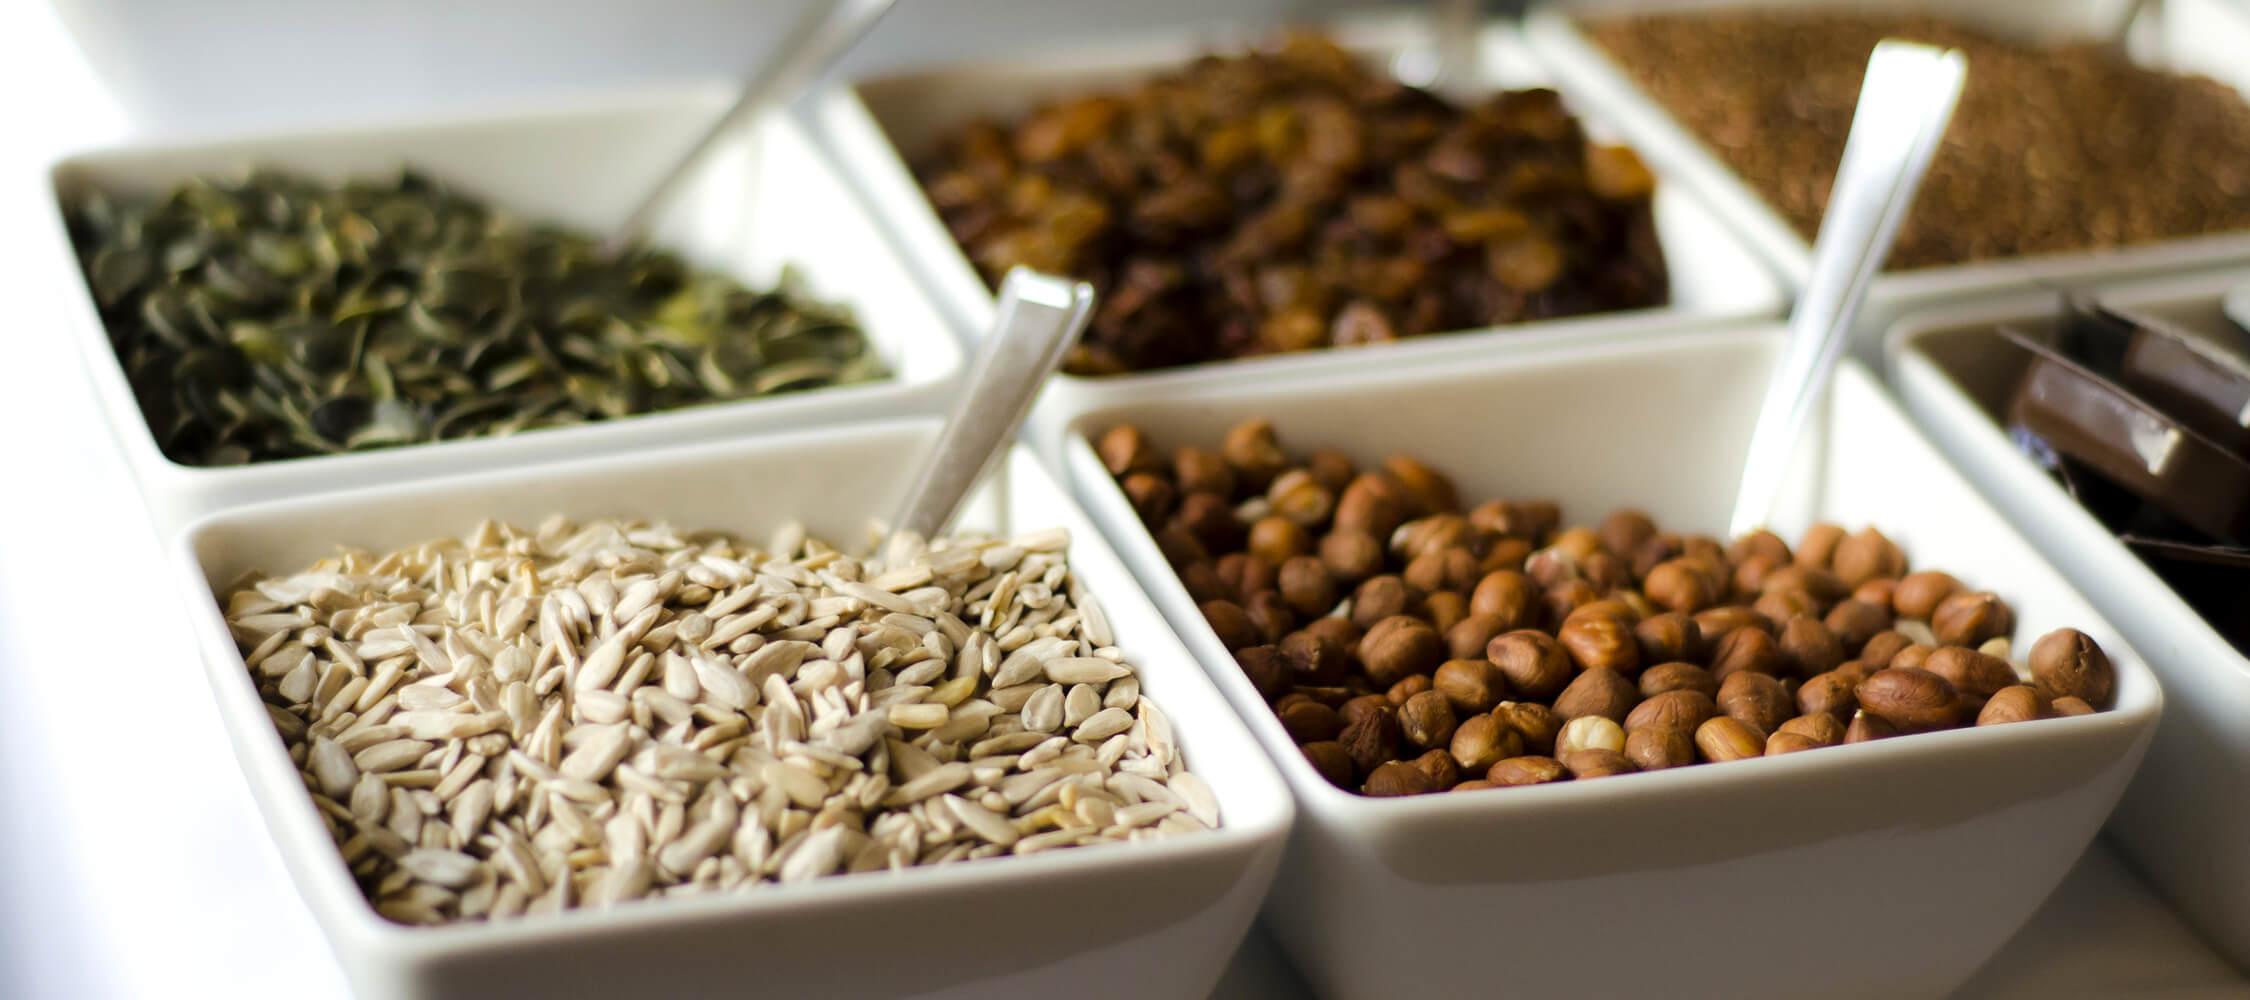 Hotel Flora, Meran, Frühstücksbuffet, laktose und glutenfreie Produkte, frische regionale Produkte, Südtiroler Qualtiätsprodukte, allergikerfreundlich